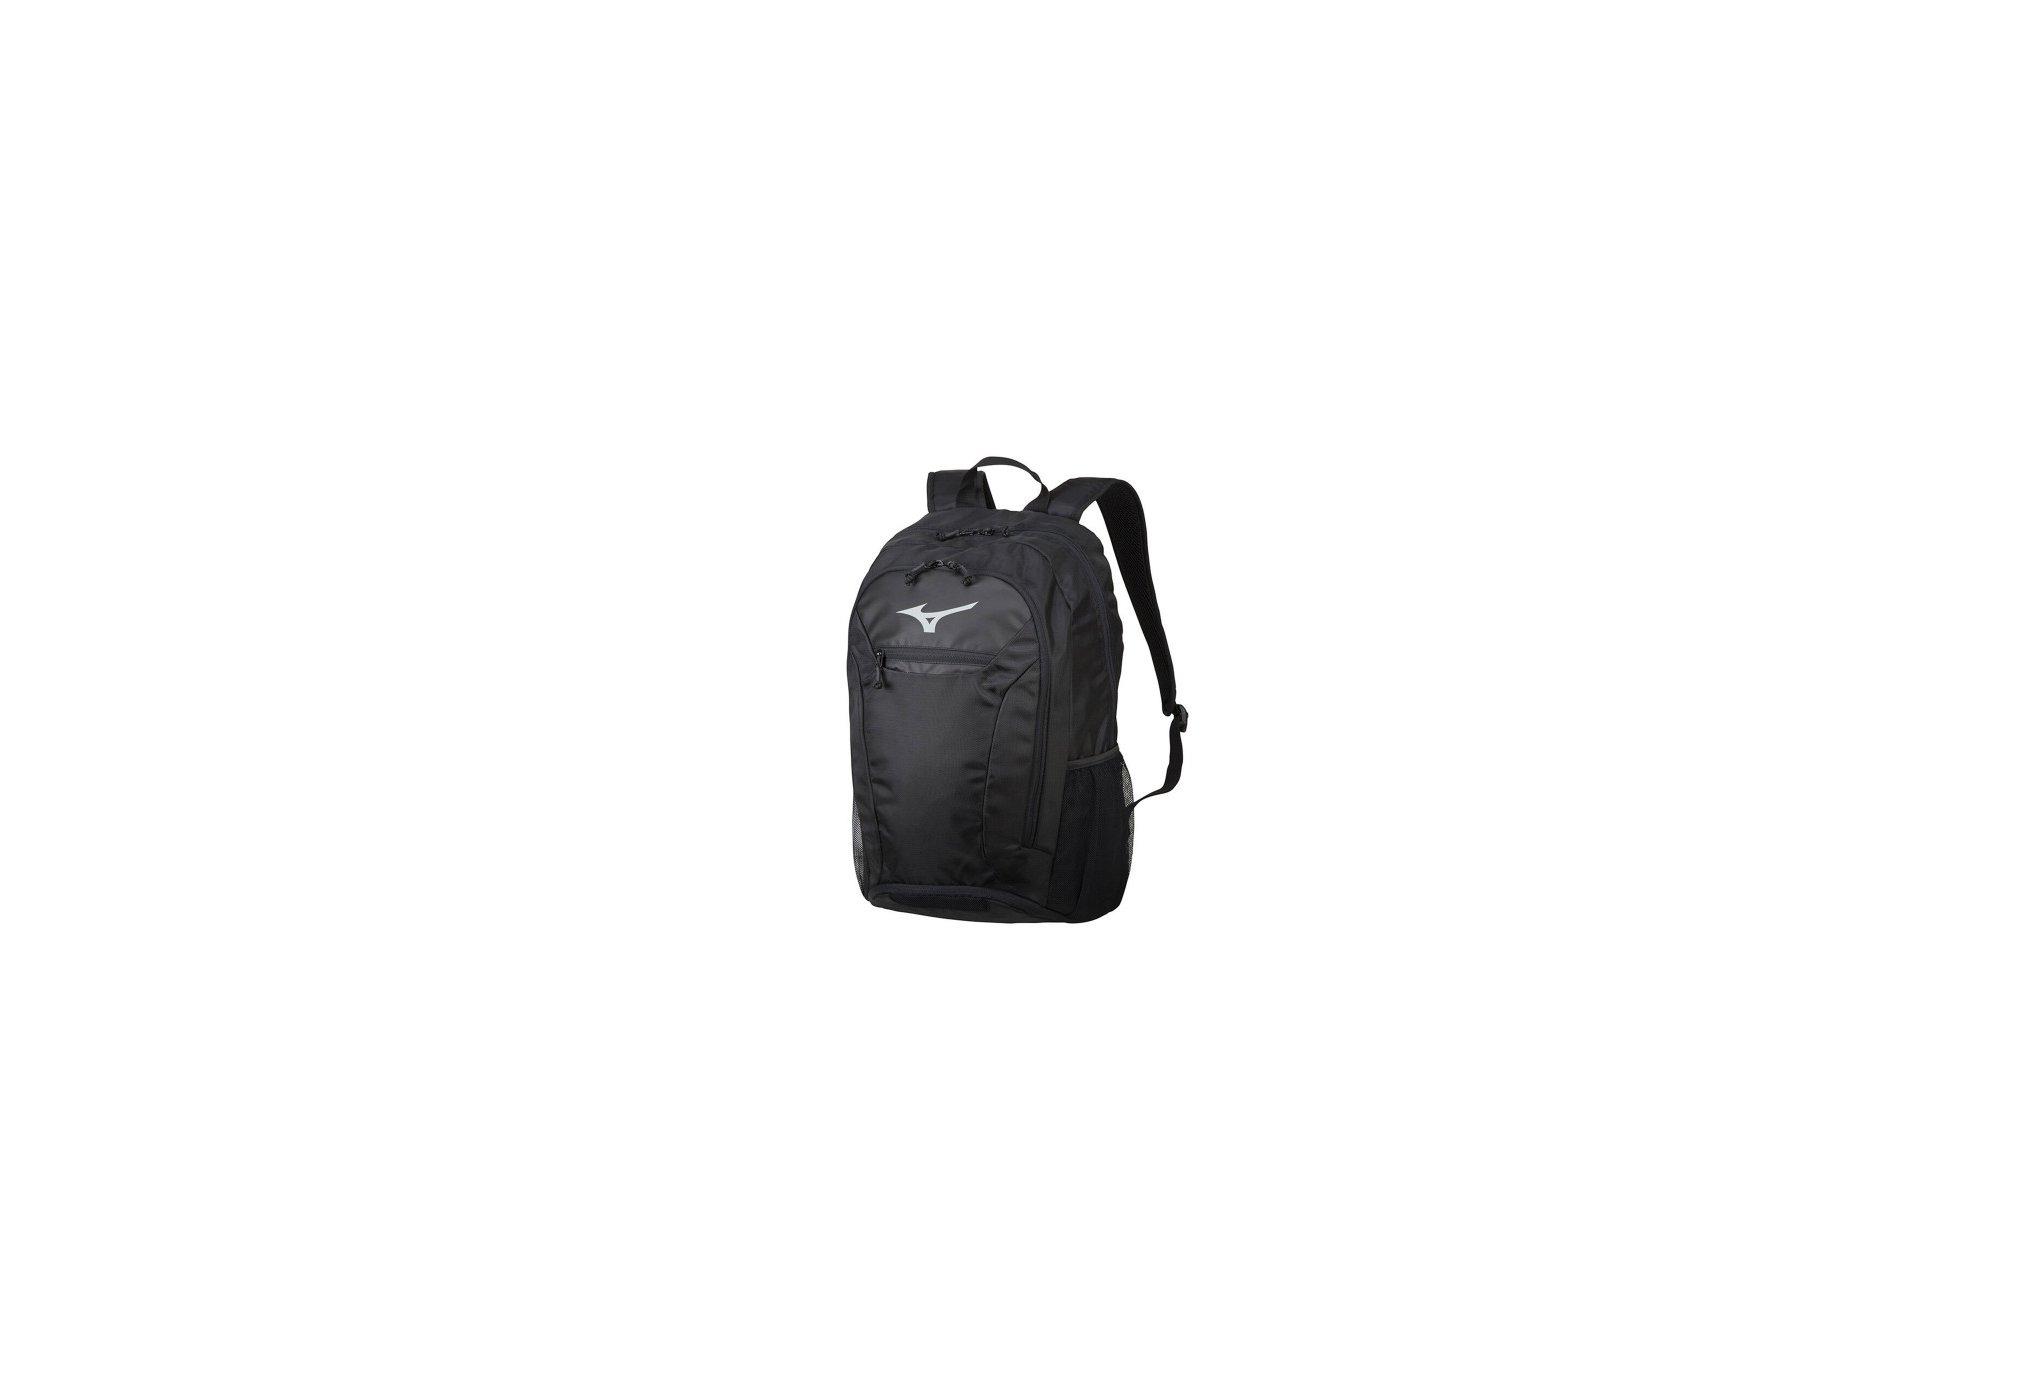 Mizuno Backpack 23 L Sac à dos